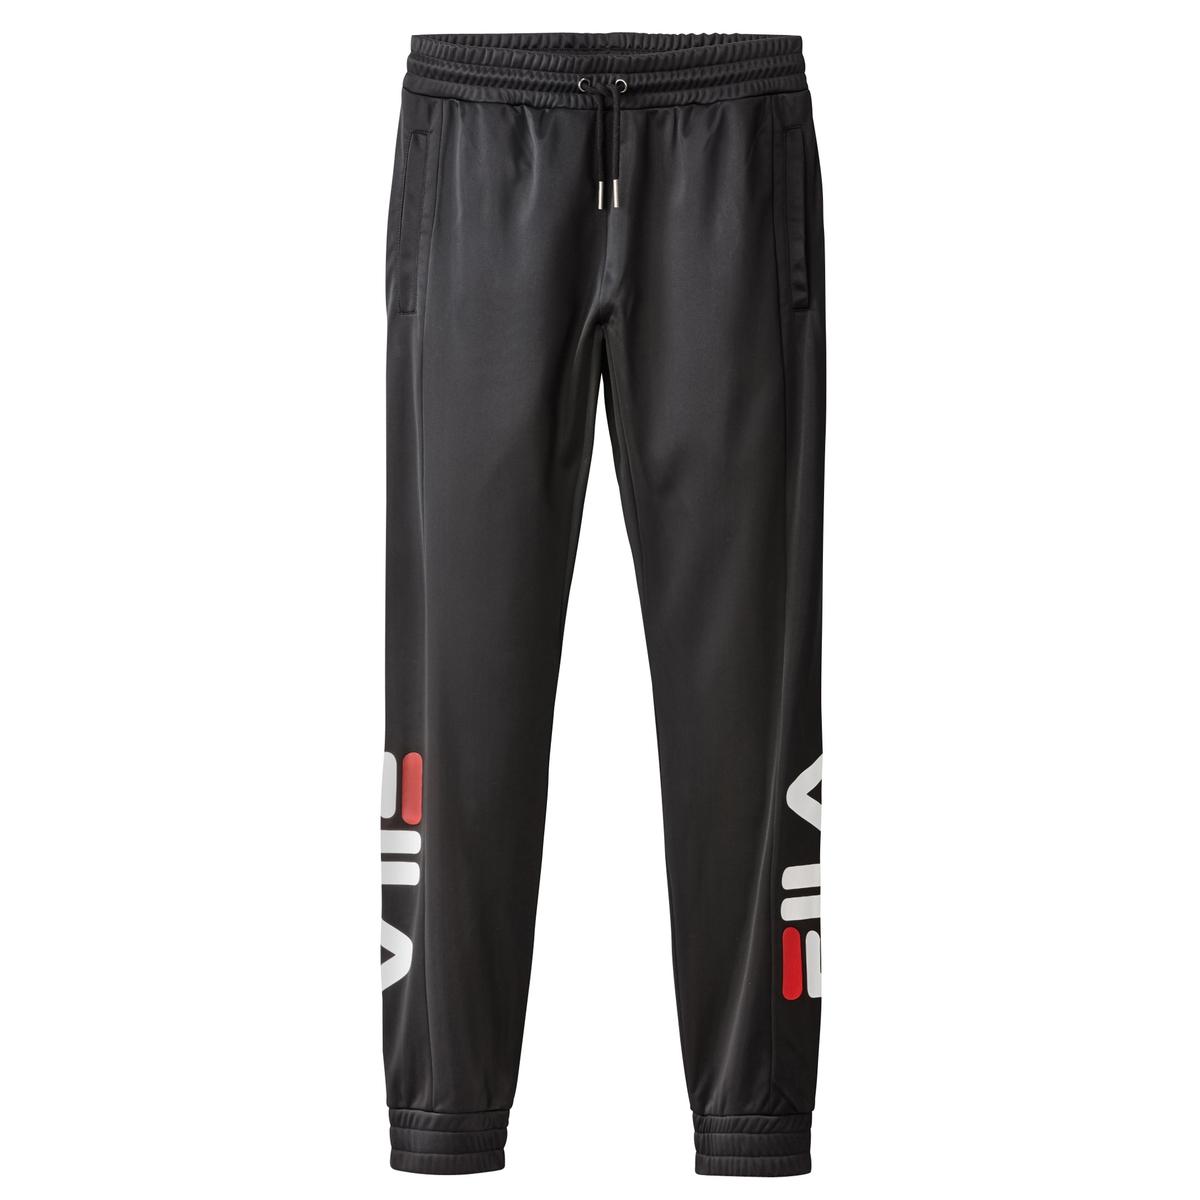 Брюки спортивныеДетали •  Спортивные брюки •  Стандартная высота поясаСостав и уход •  100% полиэстер •  Следуйте советам по уходу, указанным на этикетке<br><br>Цвет: черный